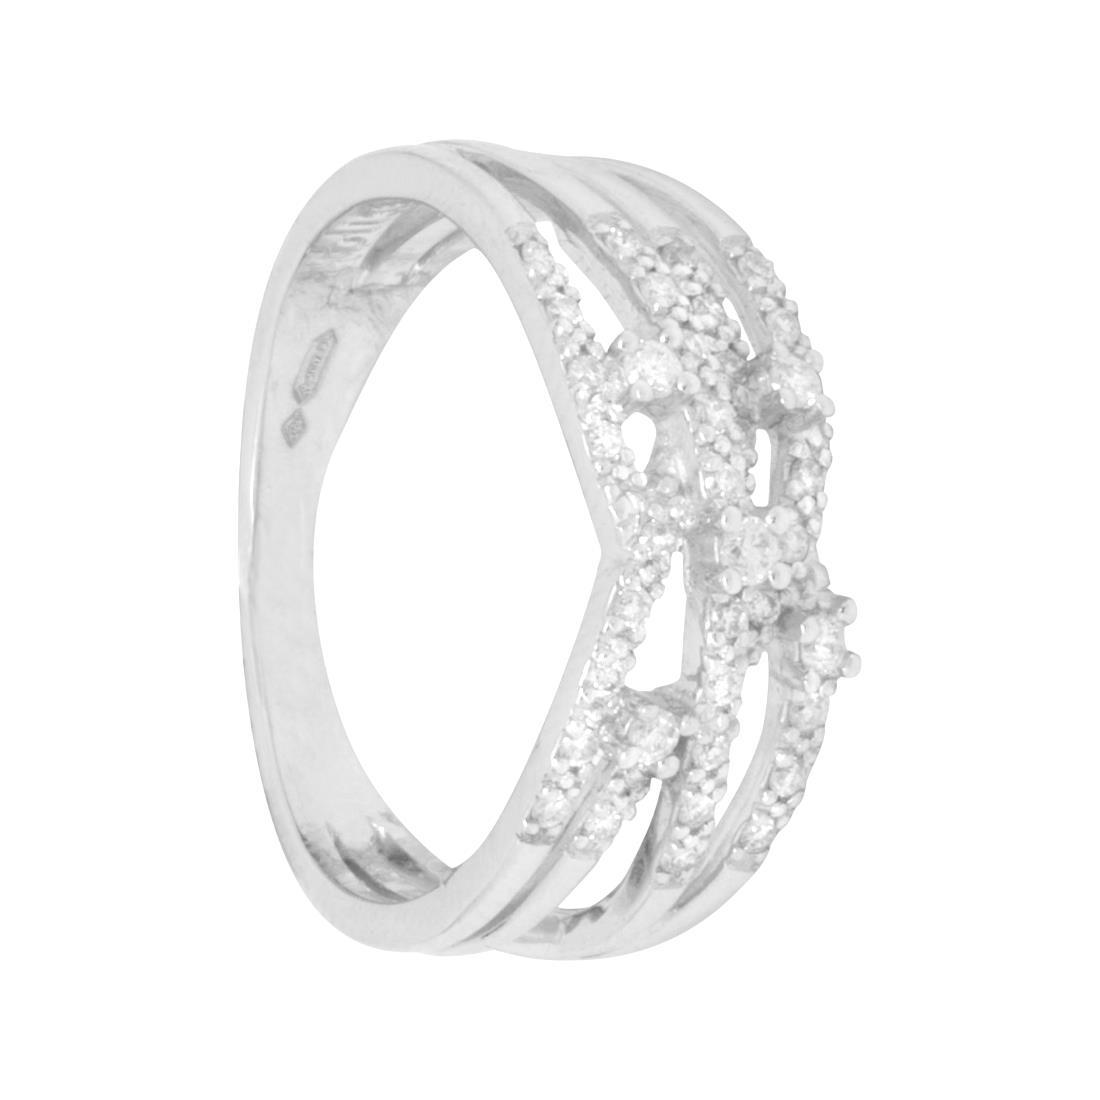 Anello in oro bianco  con diamanti ct 0.29, misura 14 - BLISS